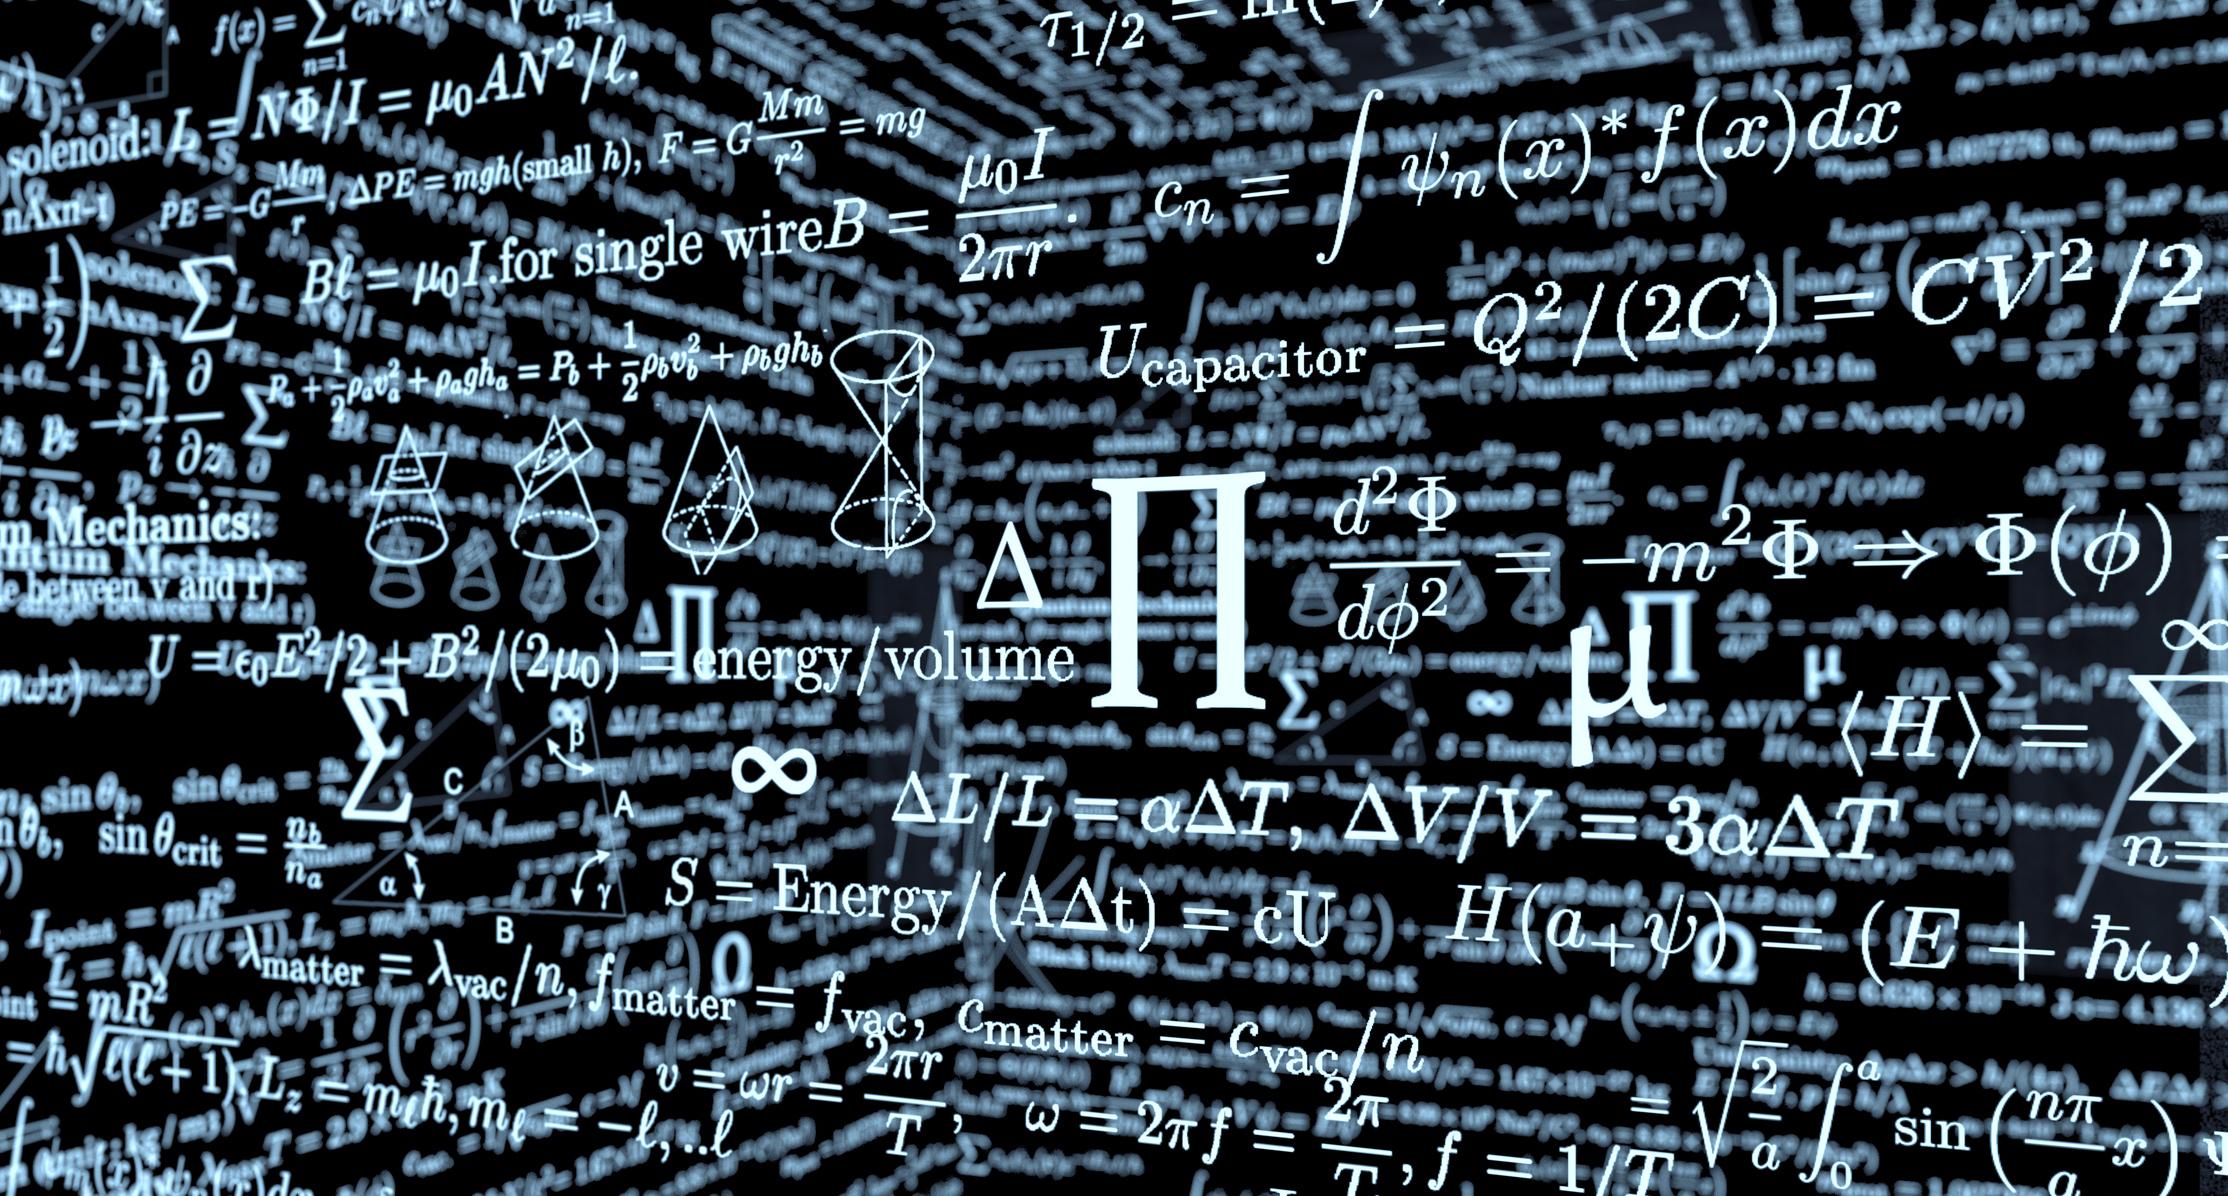 Tìm một số tự nhiên biết nếu xóa chữ số hàng đơn vị